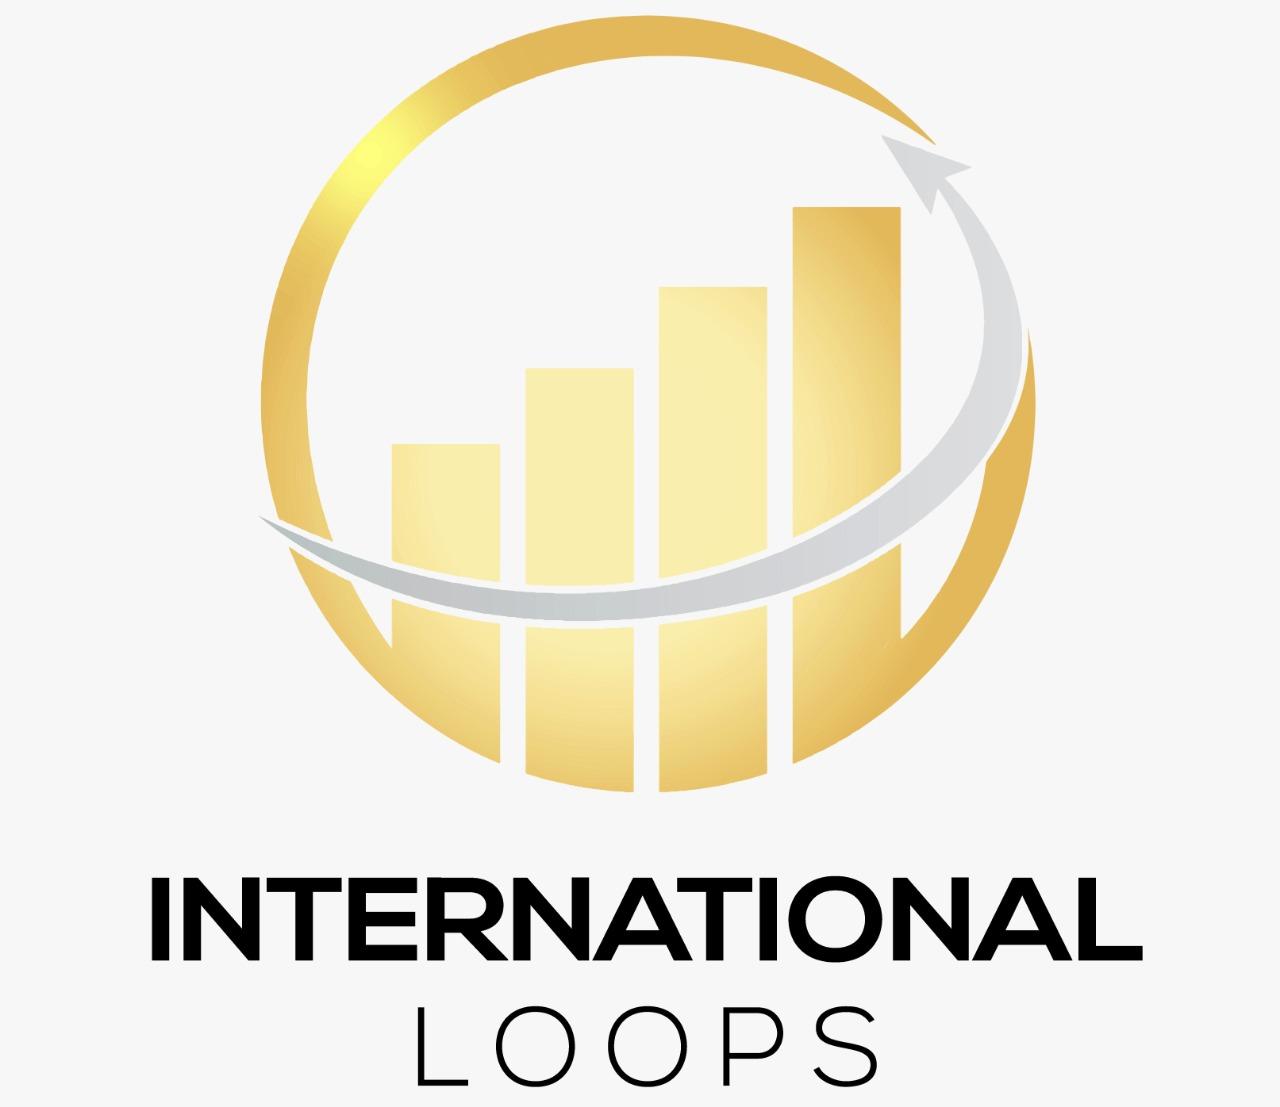 International Loops